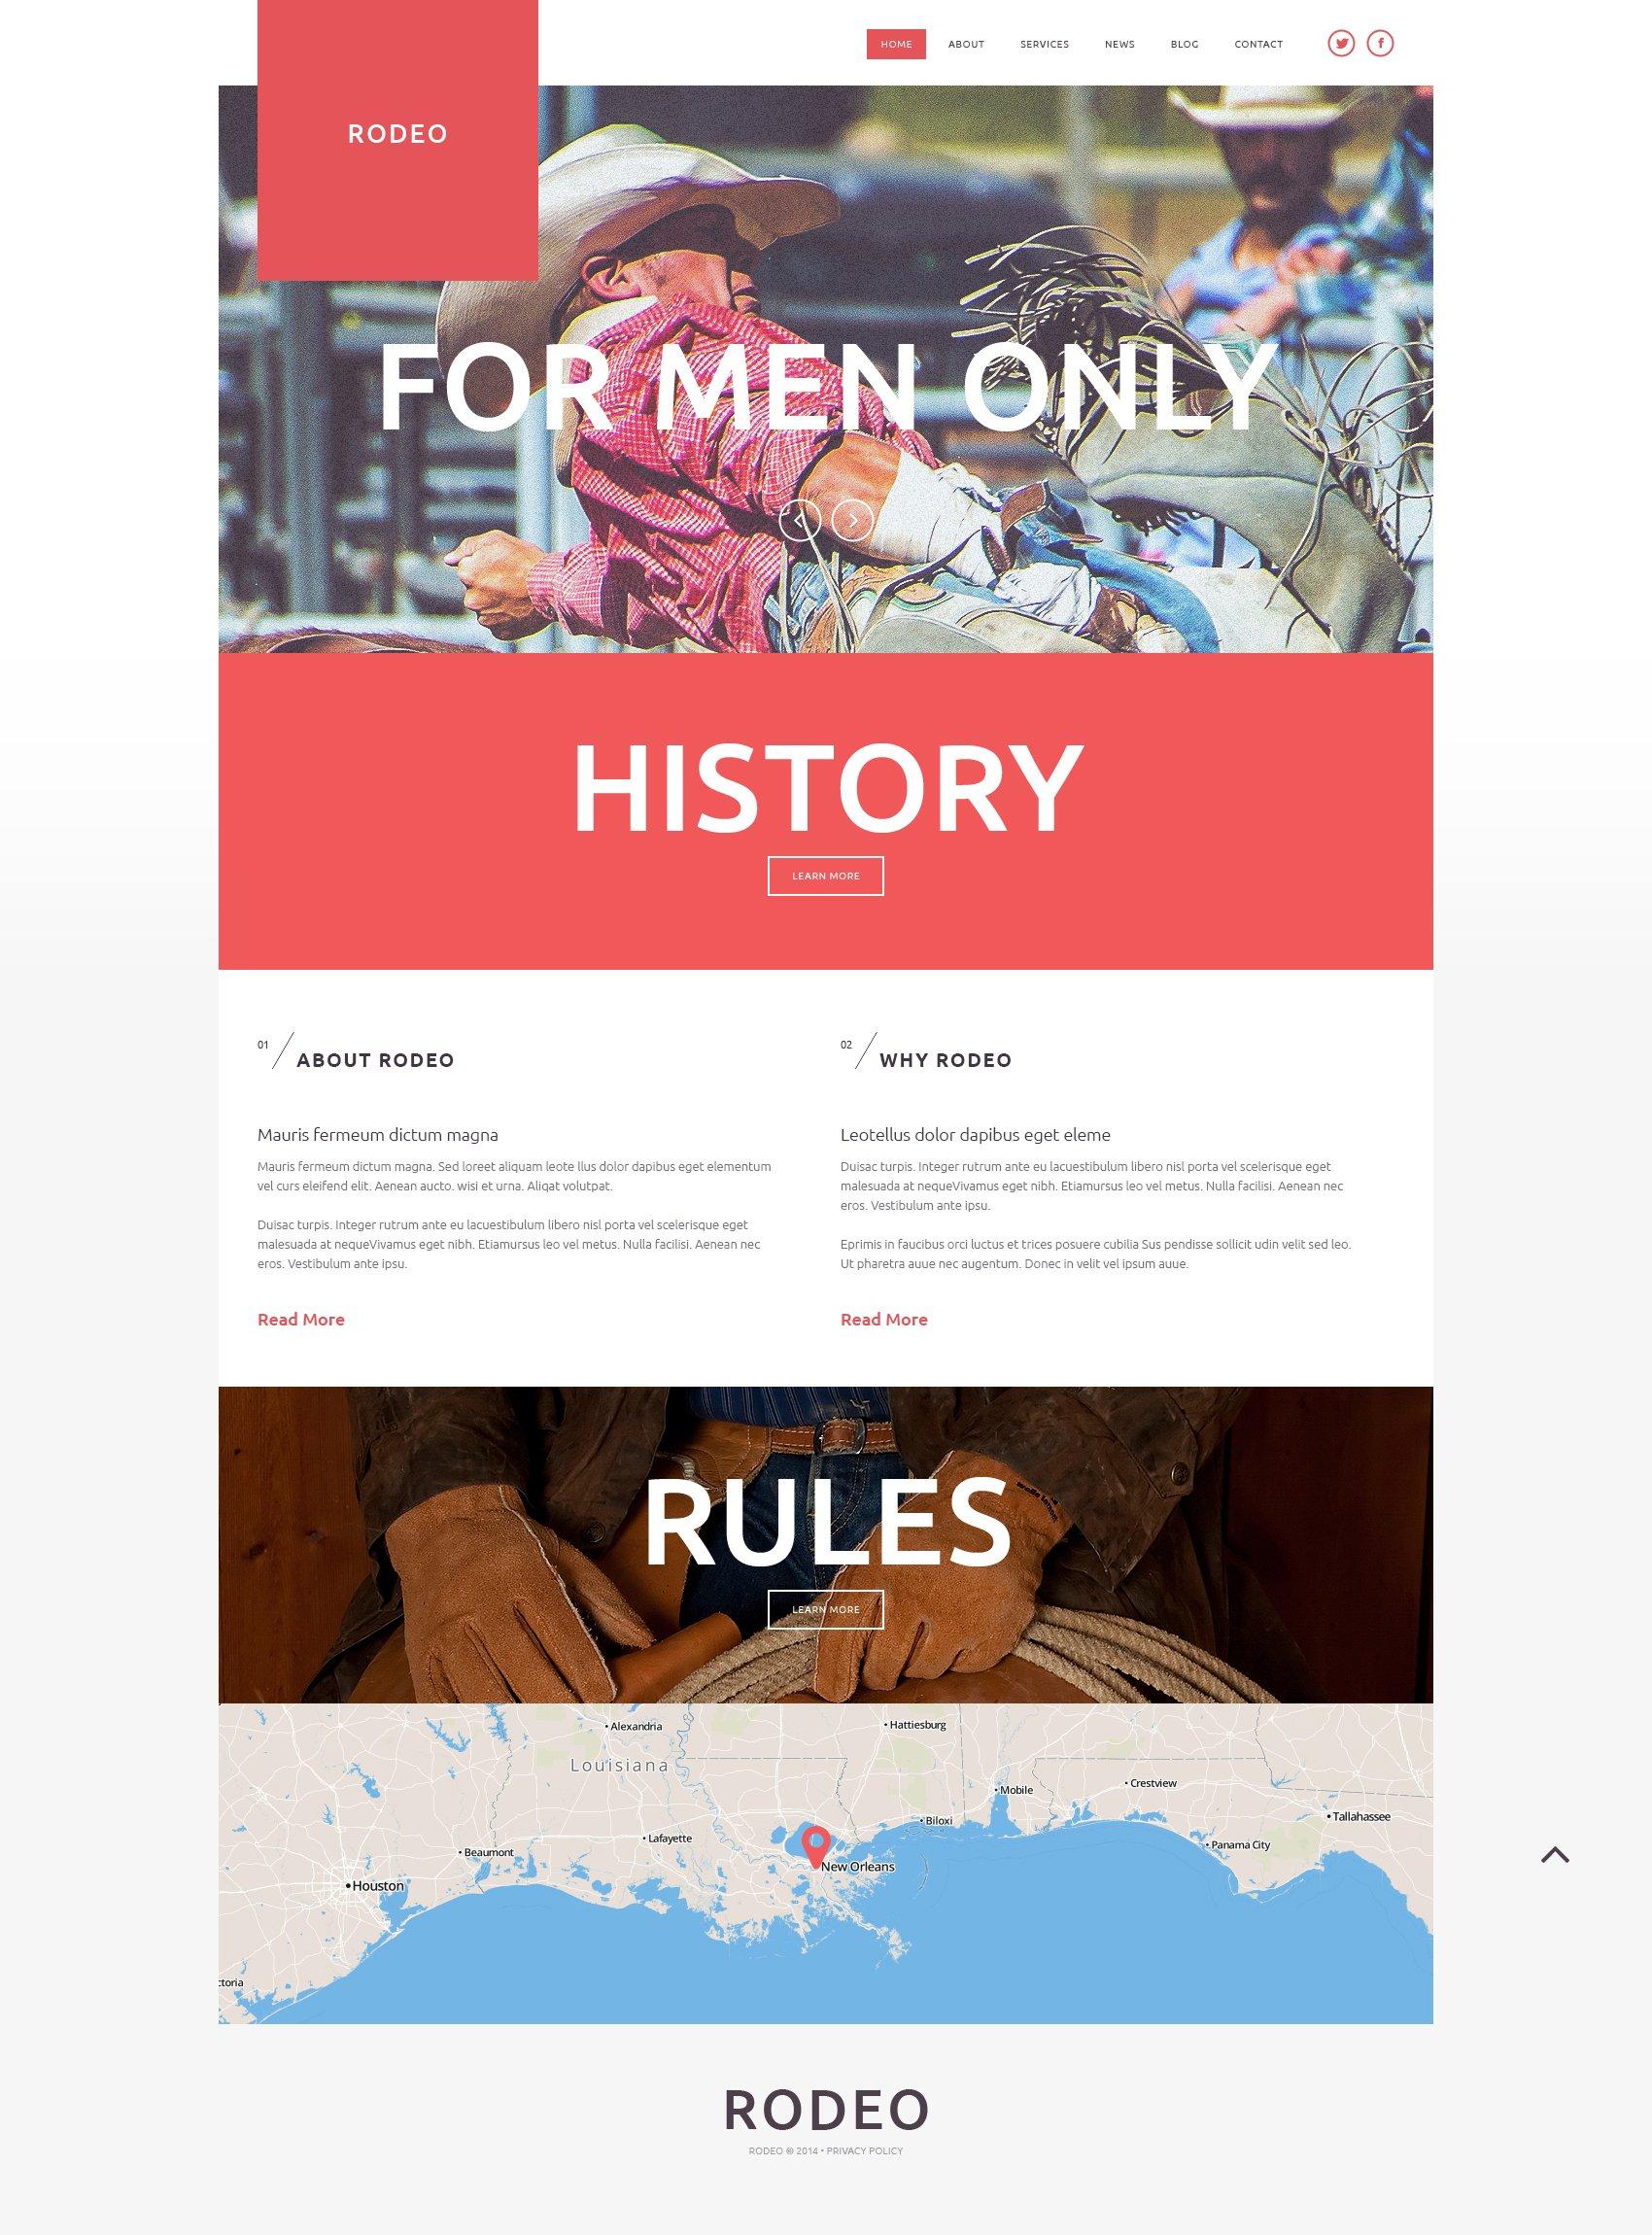 připojení biloxi menu mkr zaháknout 2014